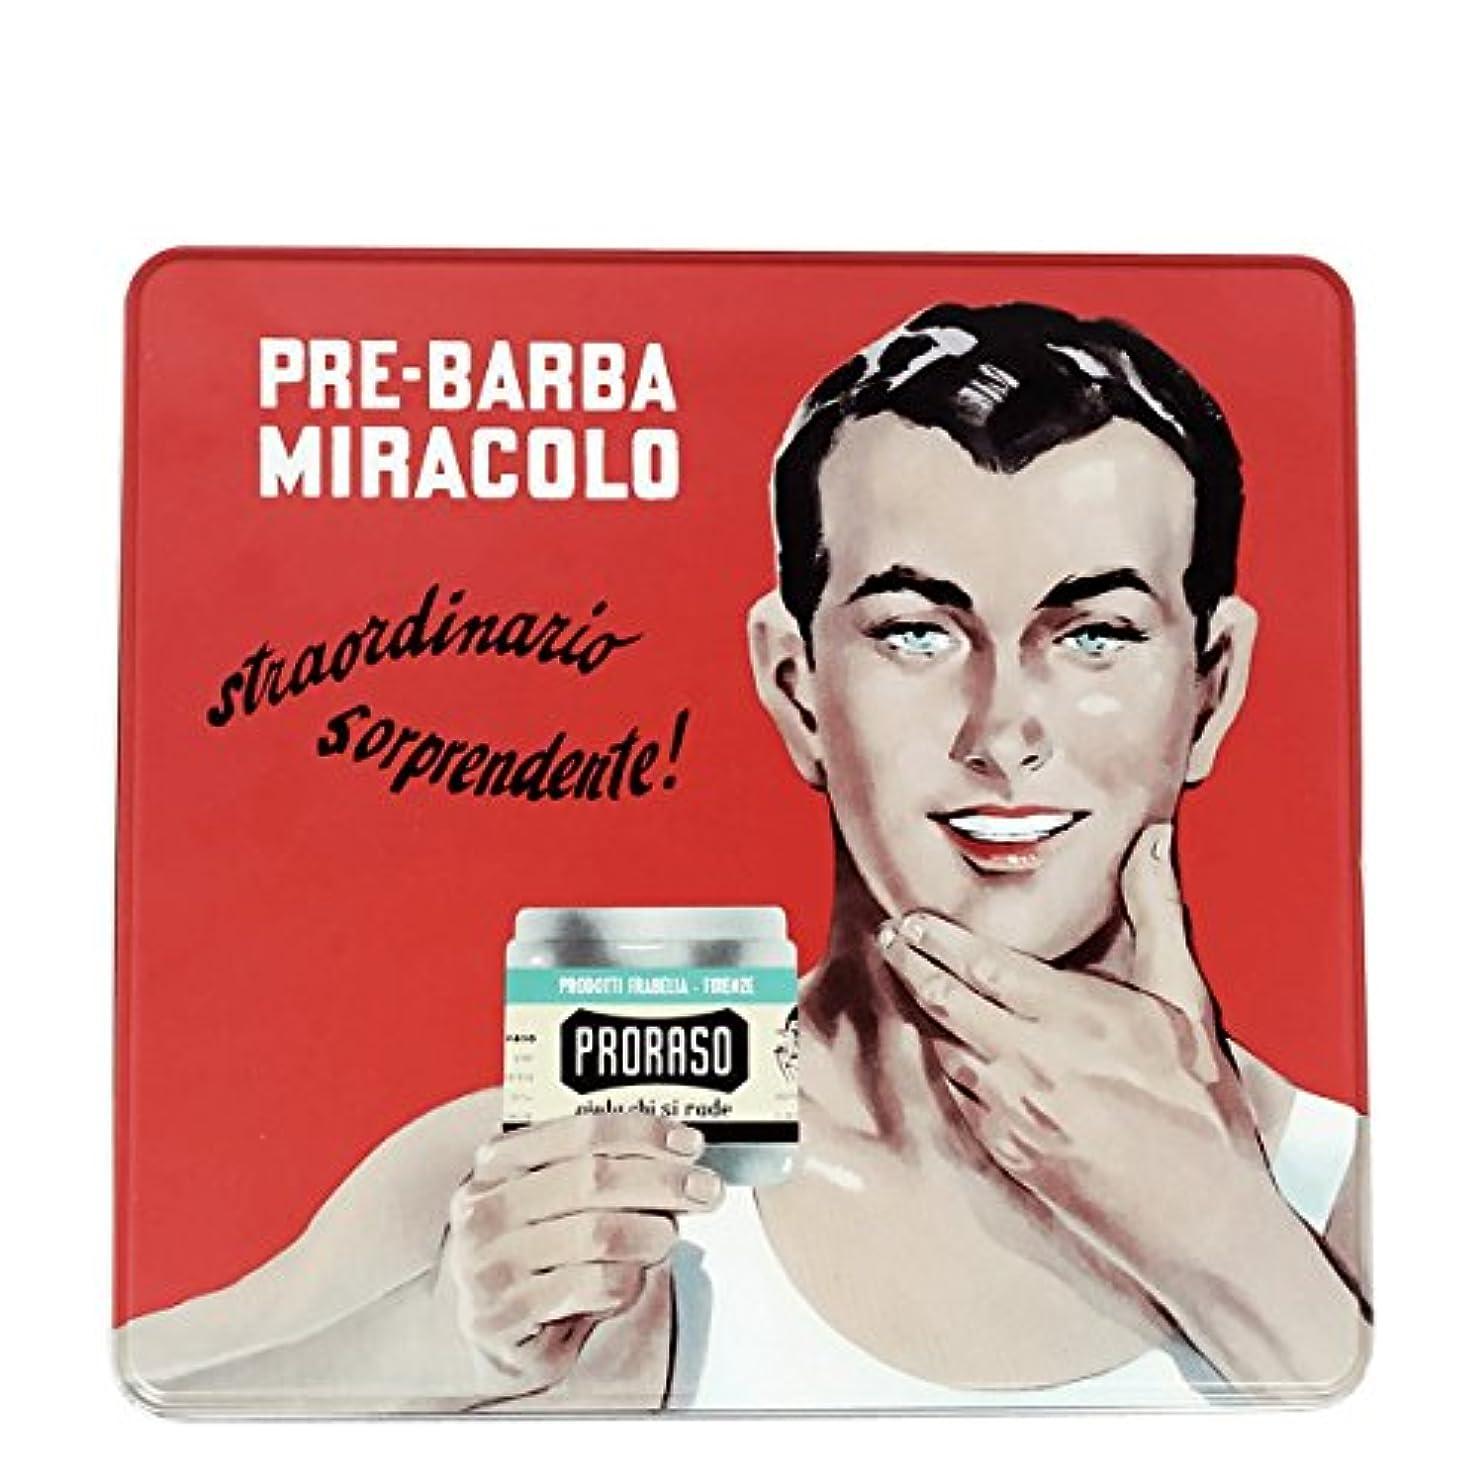 モットーバンク通常Proraso ジーノ ヴィンテージ リフレッシュ セレクション 缶[海外直送品] [並行輸入品]